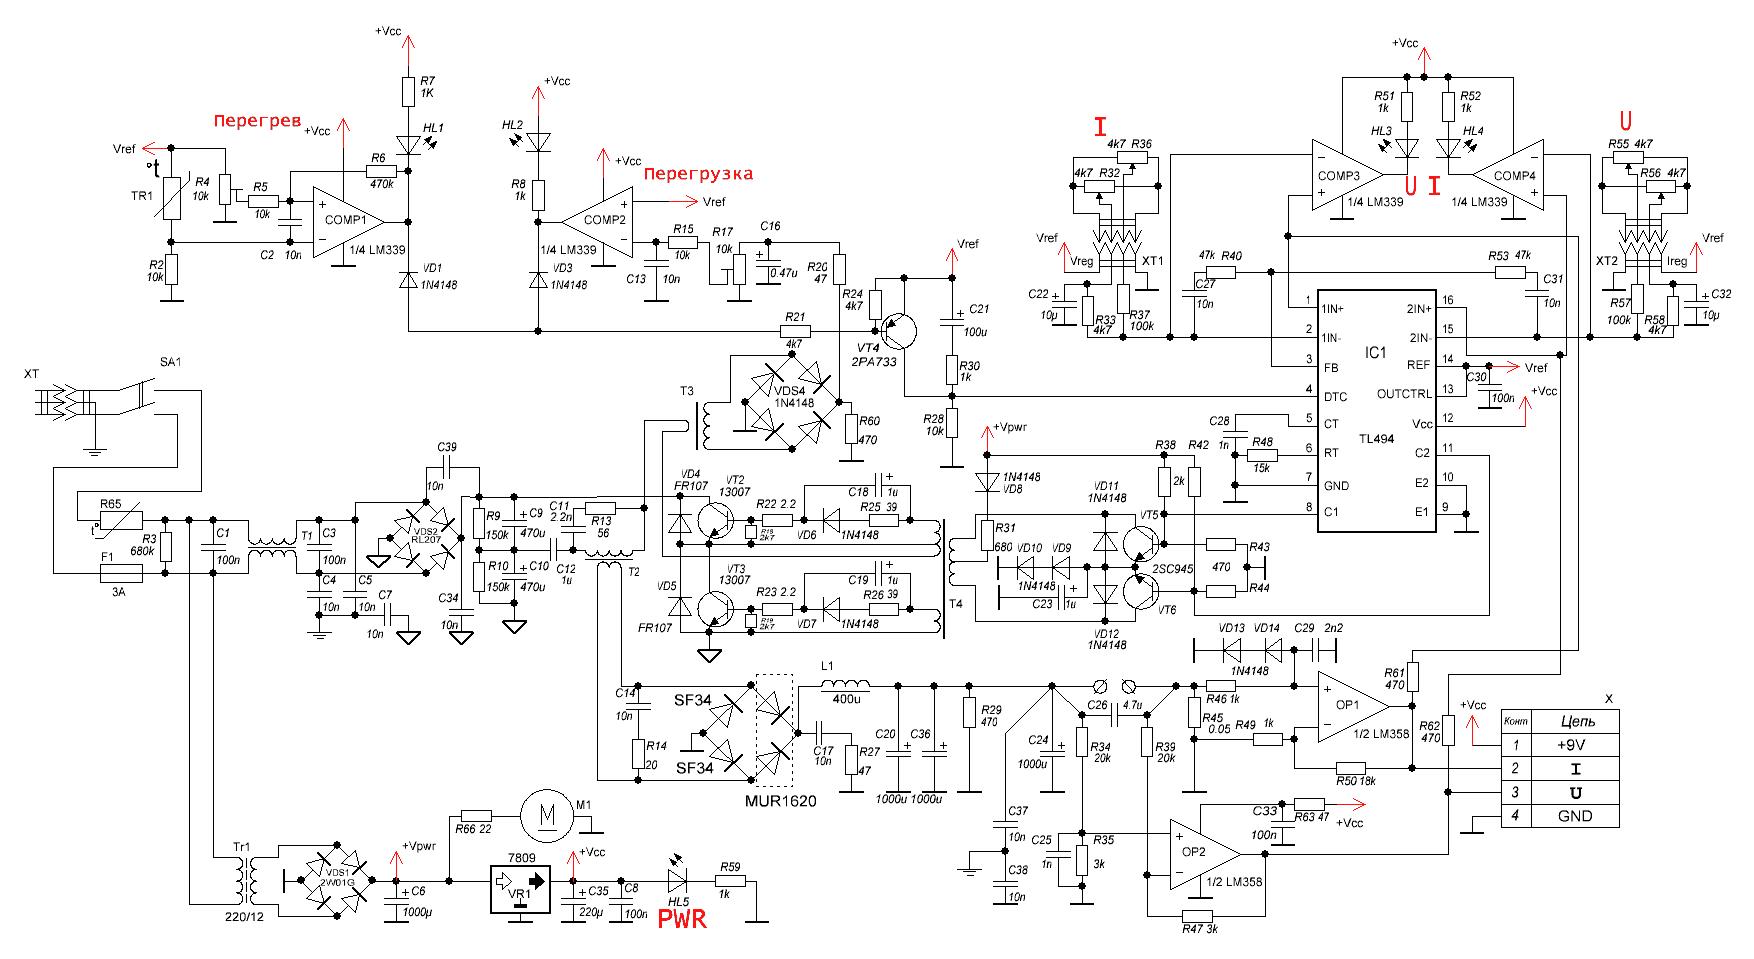 Схема блока питания компьютера lw2 350w